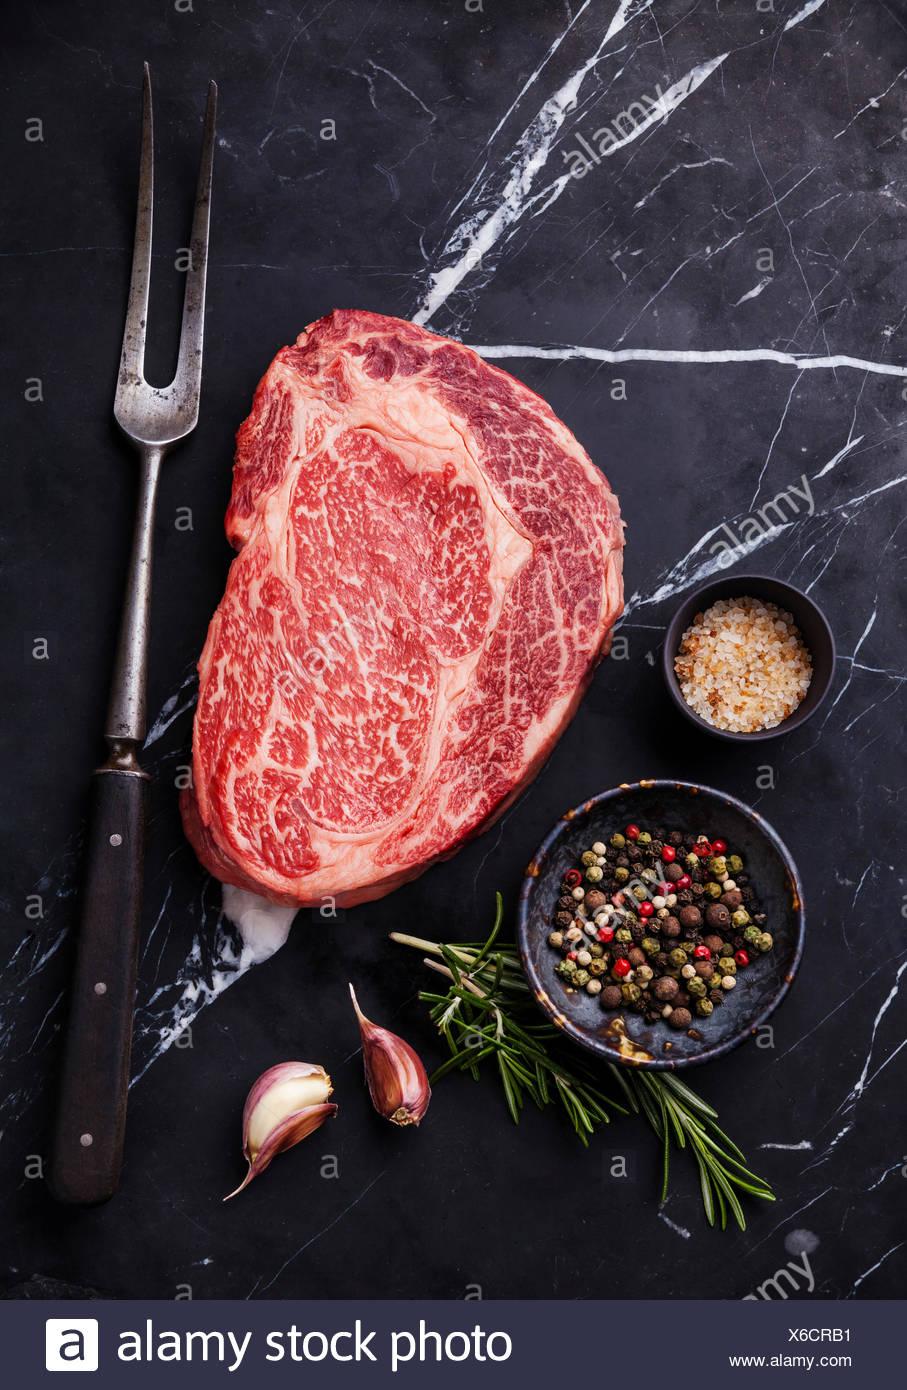 Raw fresh marbled meat Black Angus Steak Ribeye, seasonings and meat fork on dark marble background - Stock Image